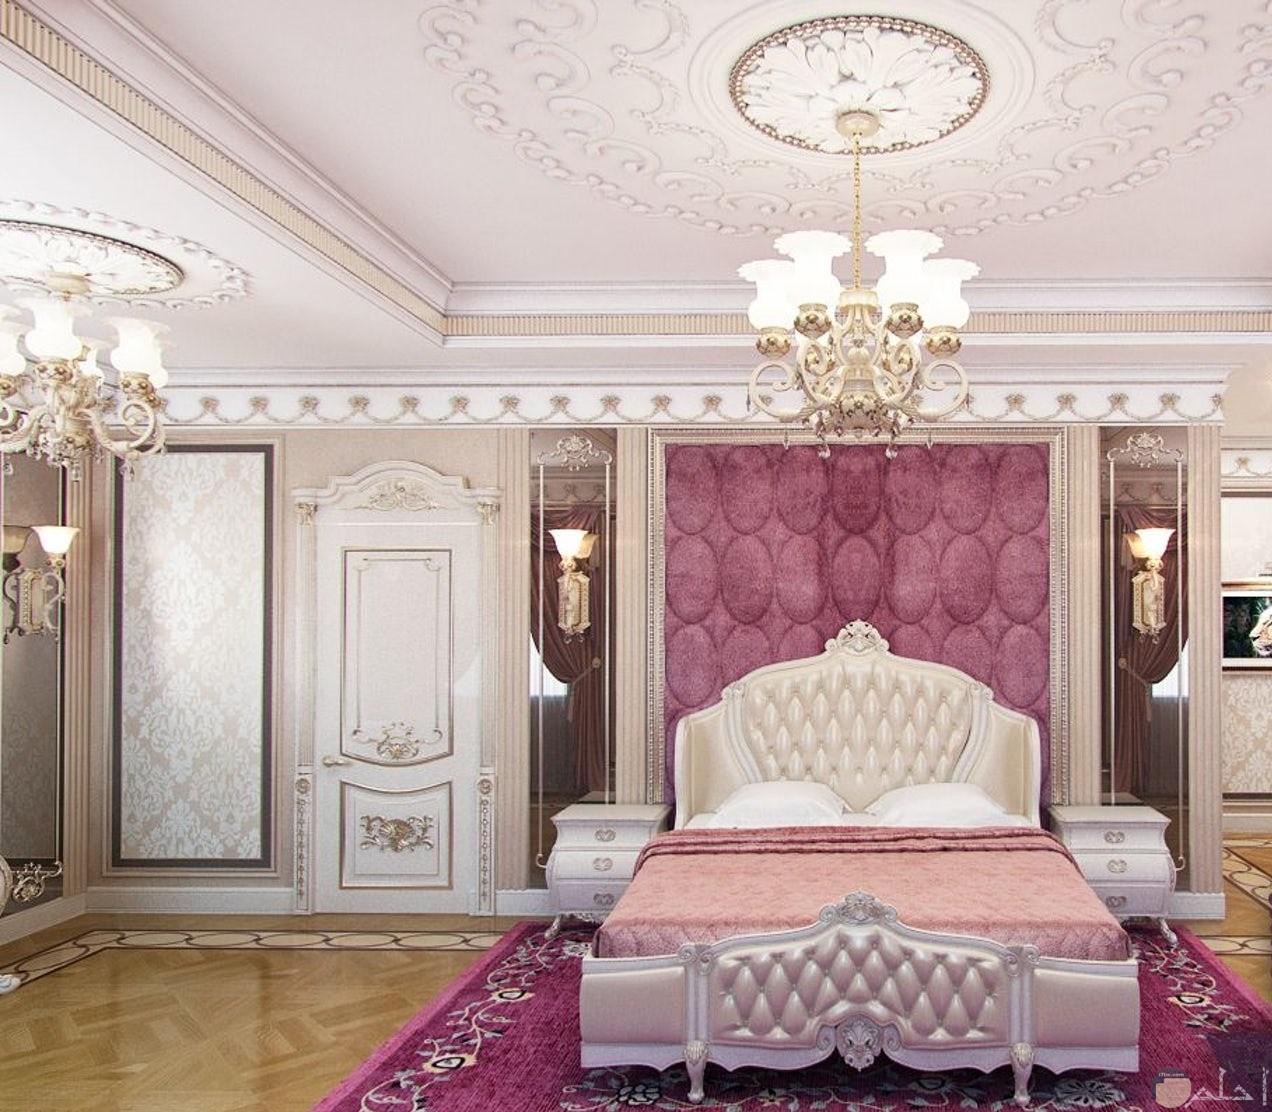 غرفة نوم مع تدلى النجف والكريستالات